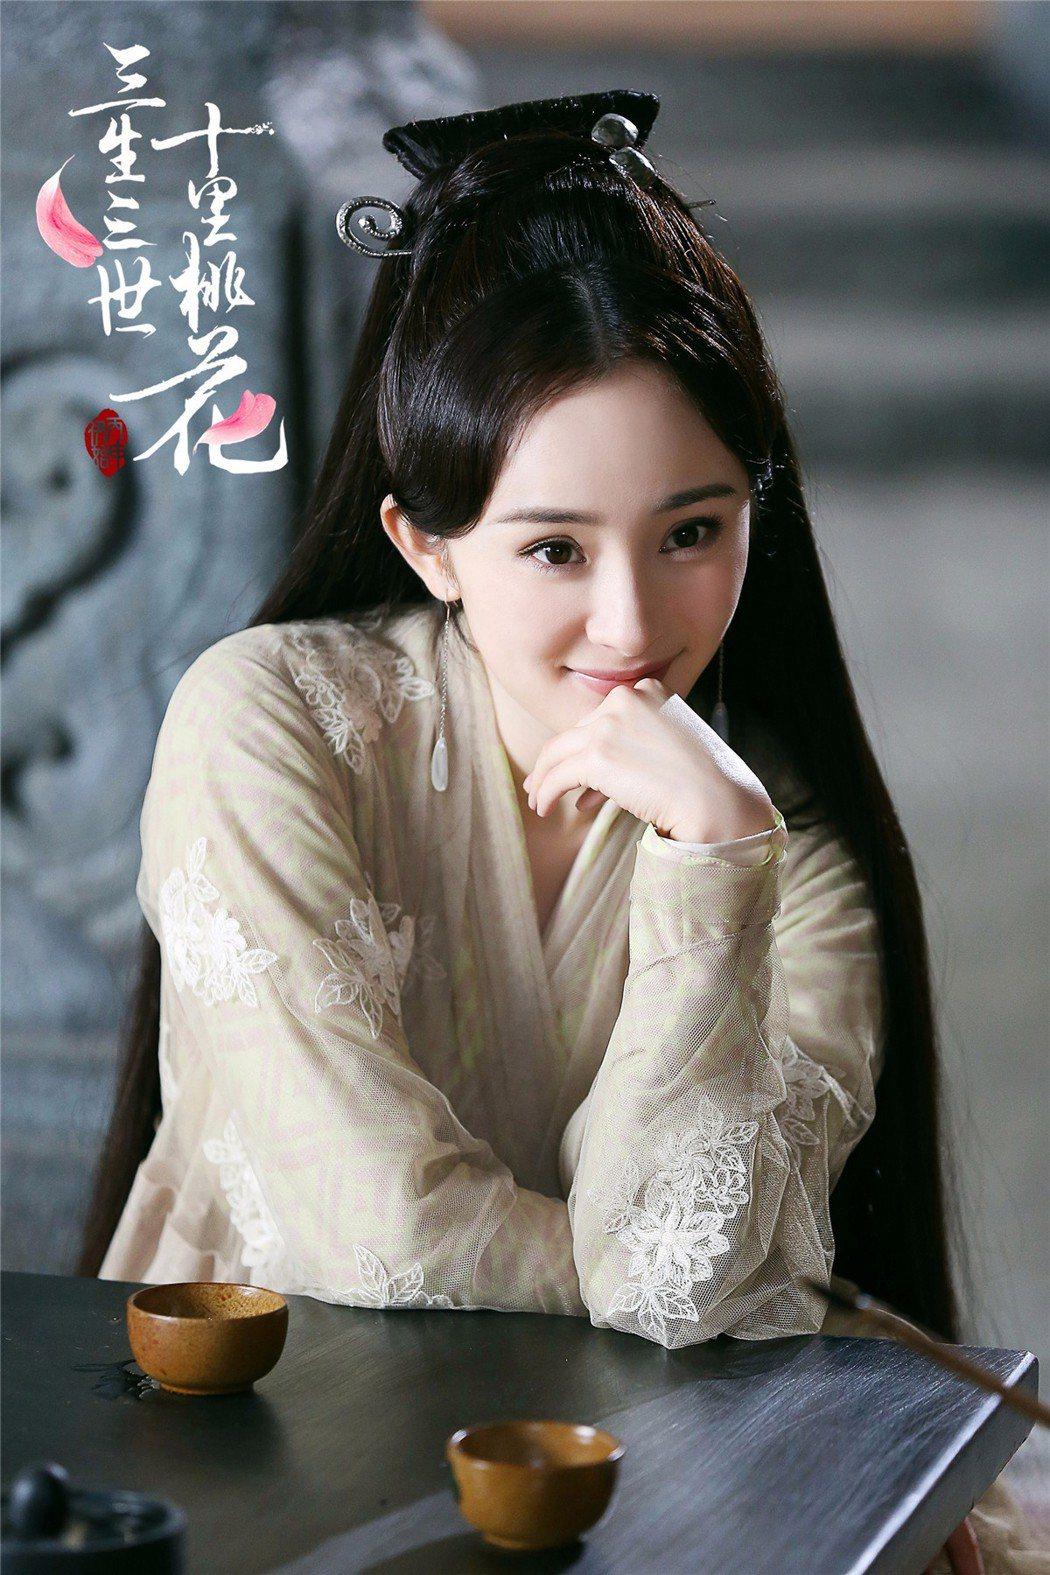 楊冪主演「三生三世十里桃花」。圖/擷自新浪博客